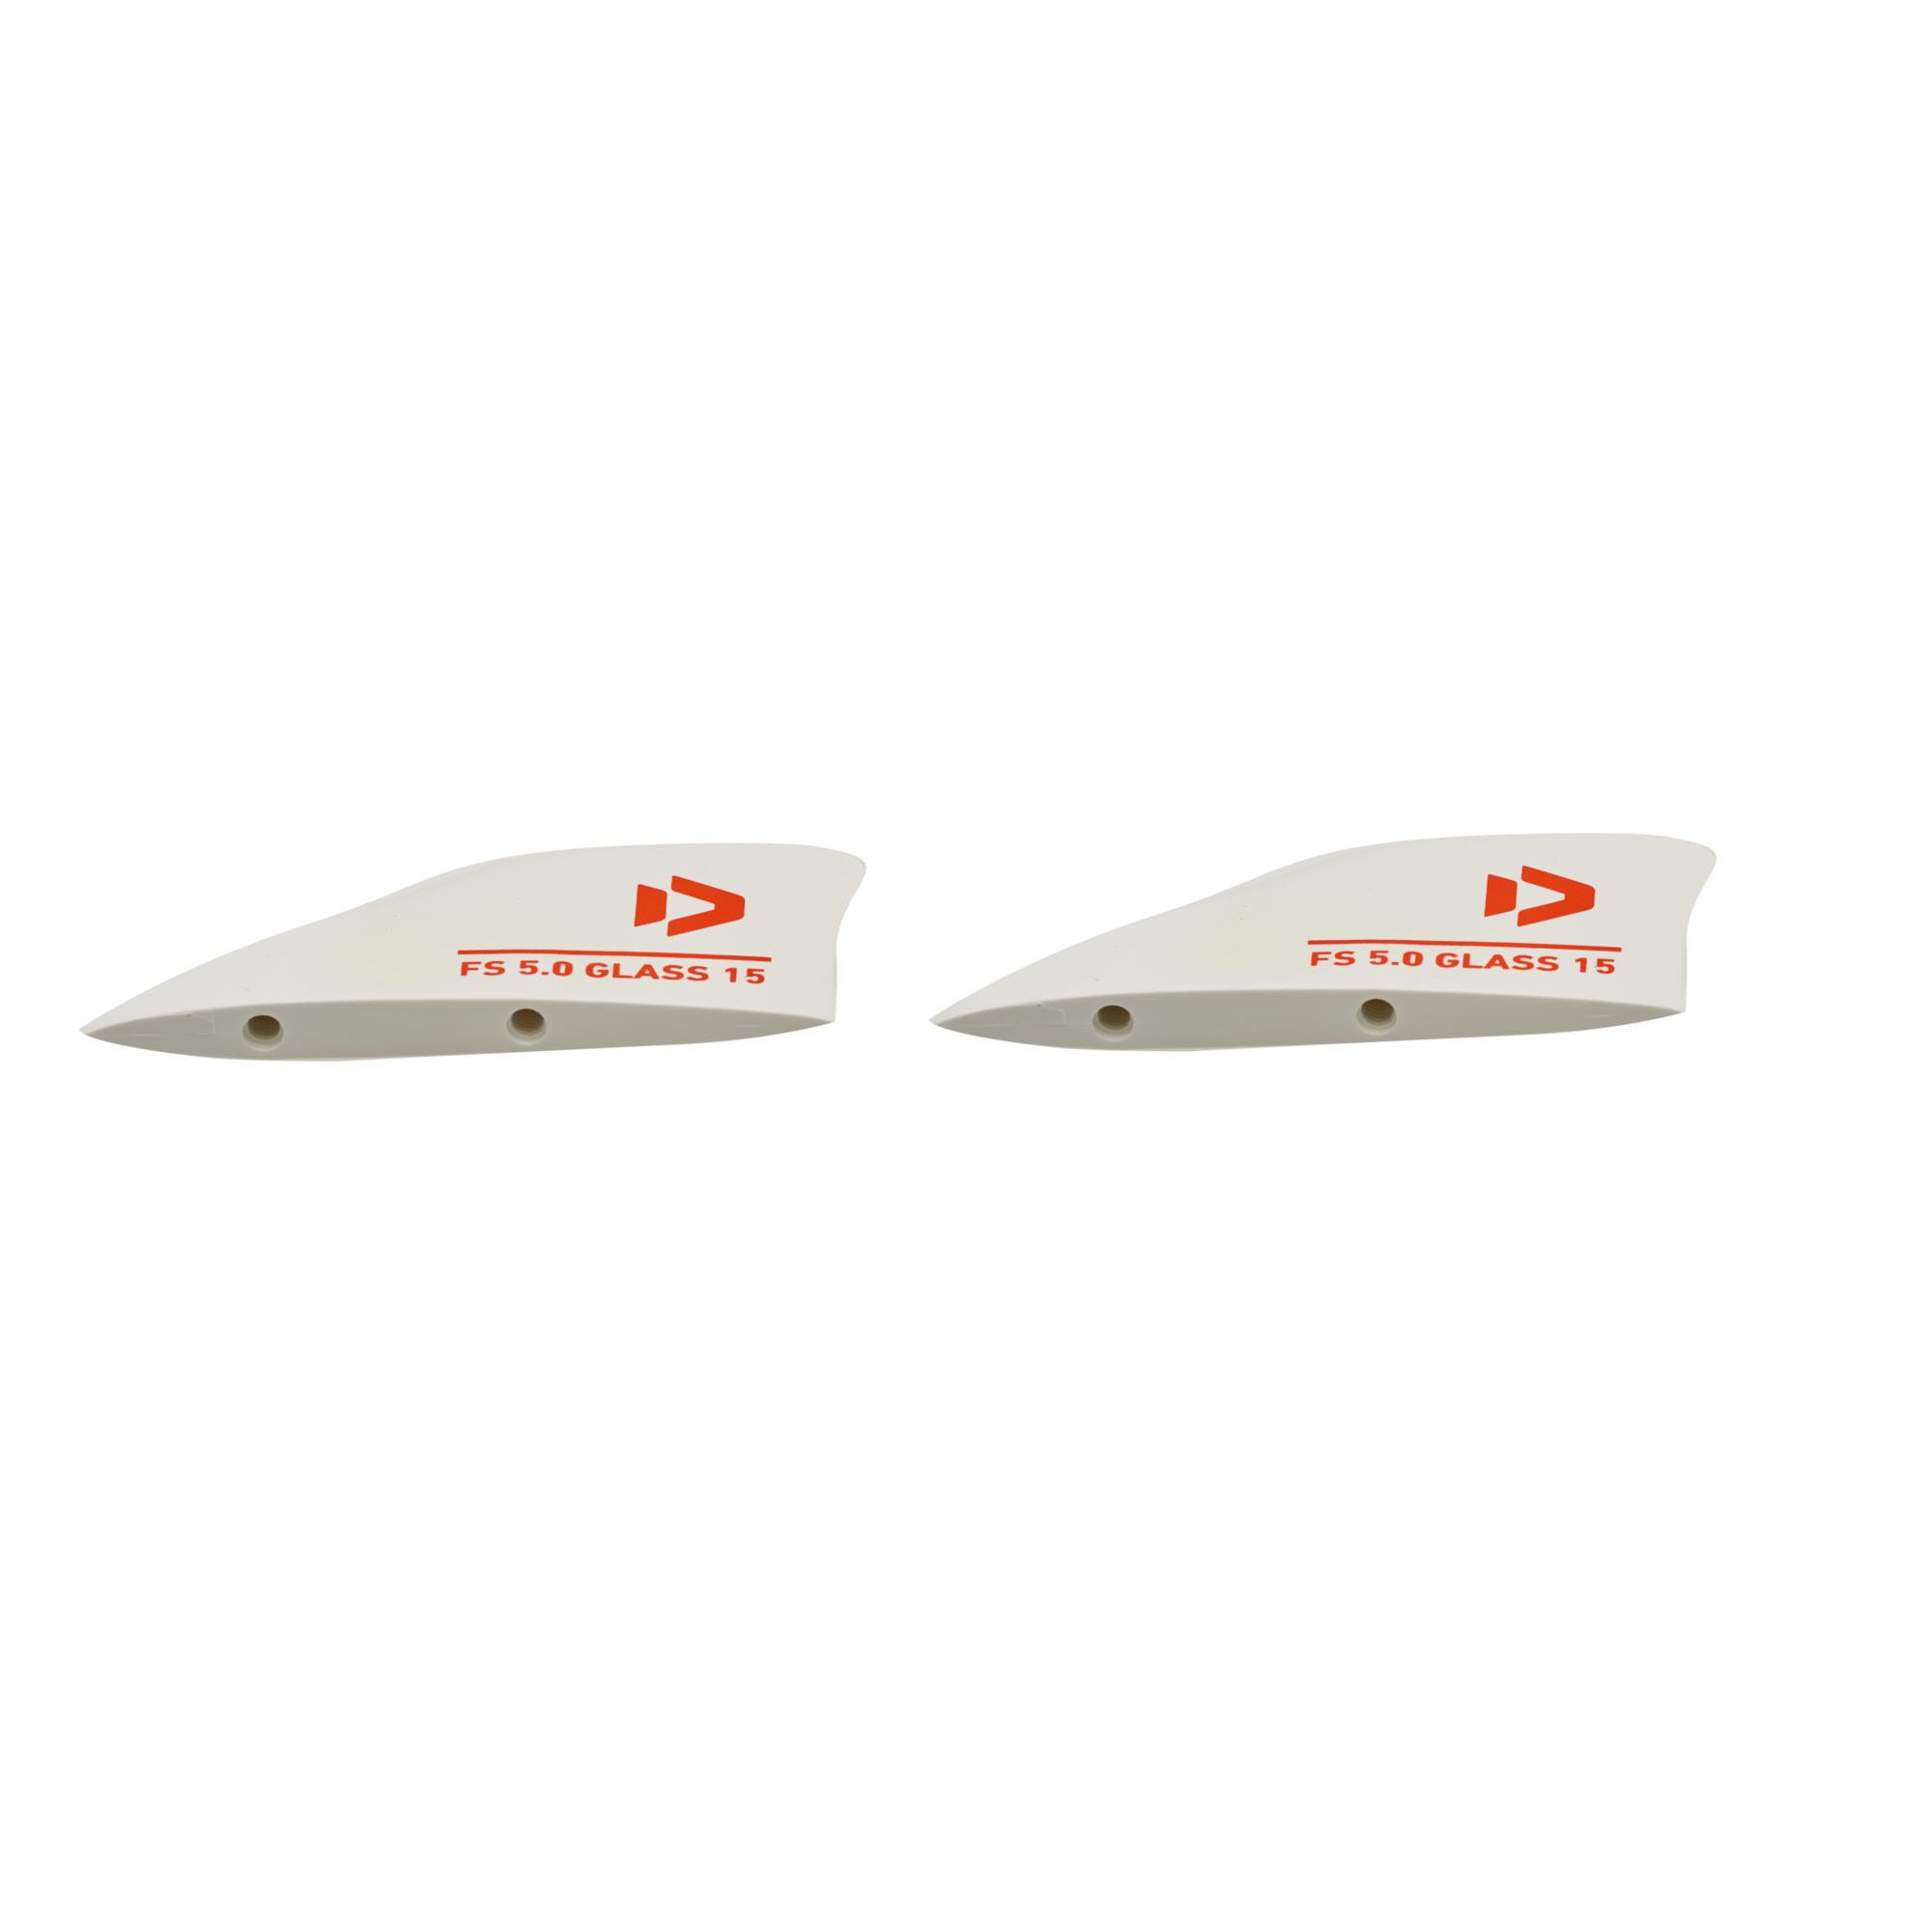 Freestyle Finset S Bend North + Duotone Finnen (Paar) für Twintips - Kiteboard Finnen für Bidirectio